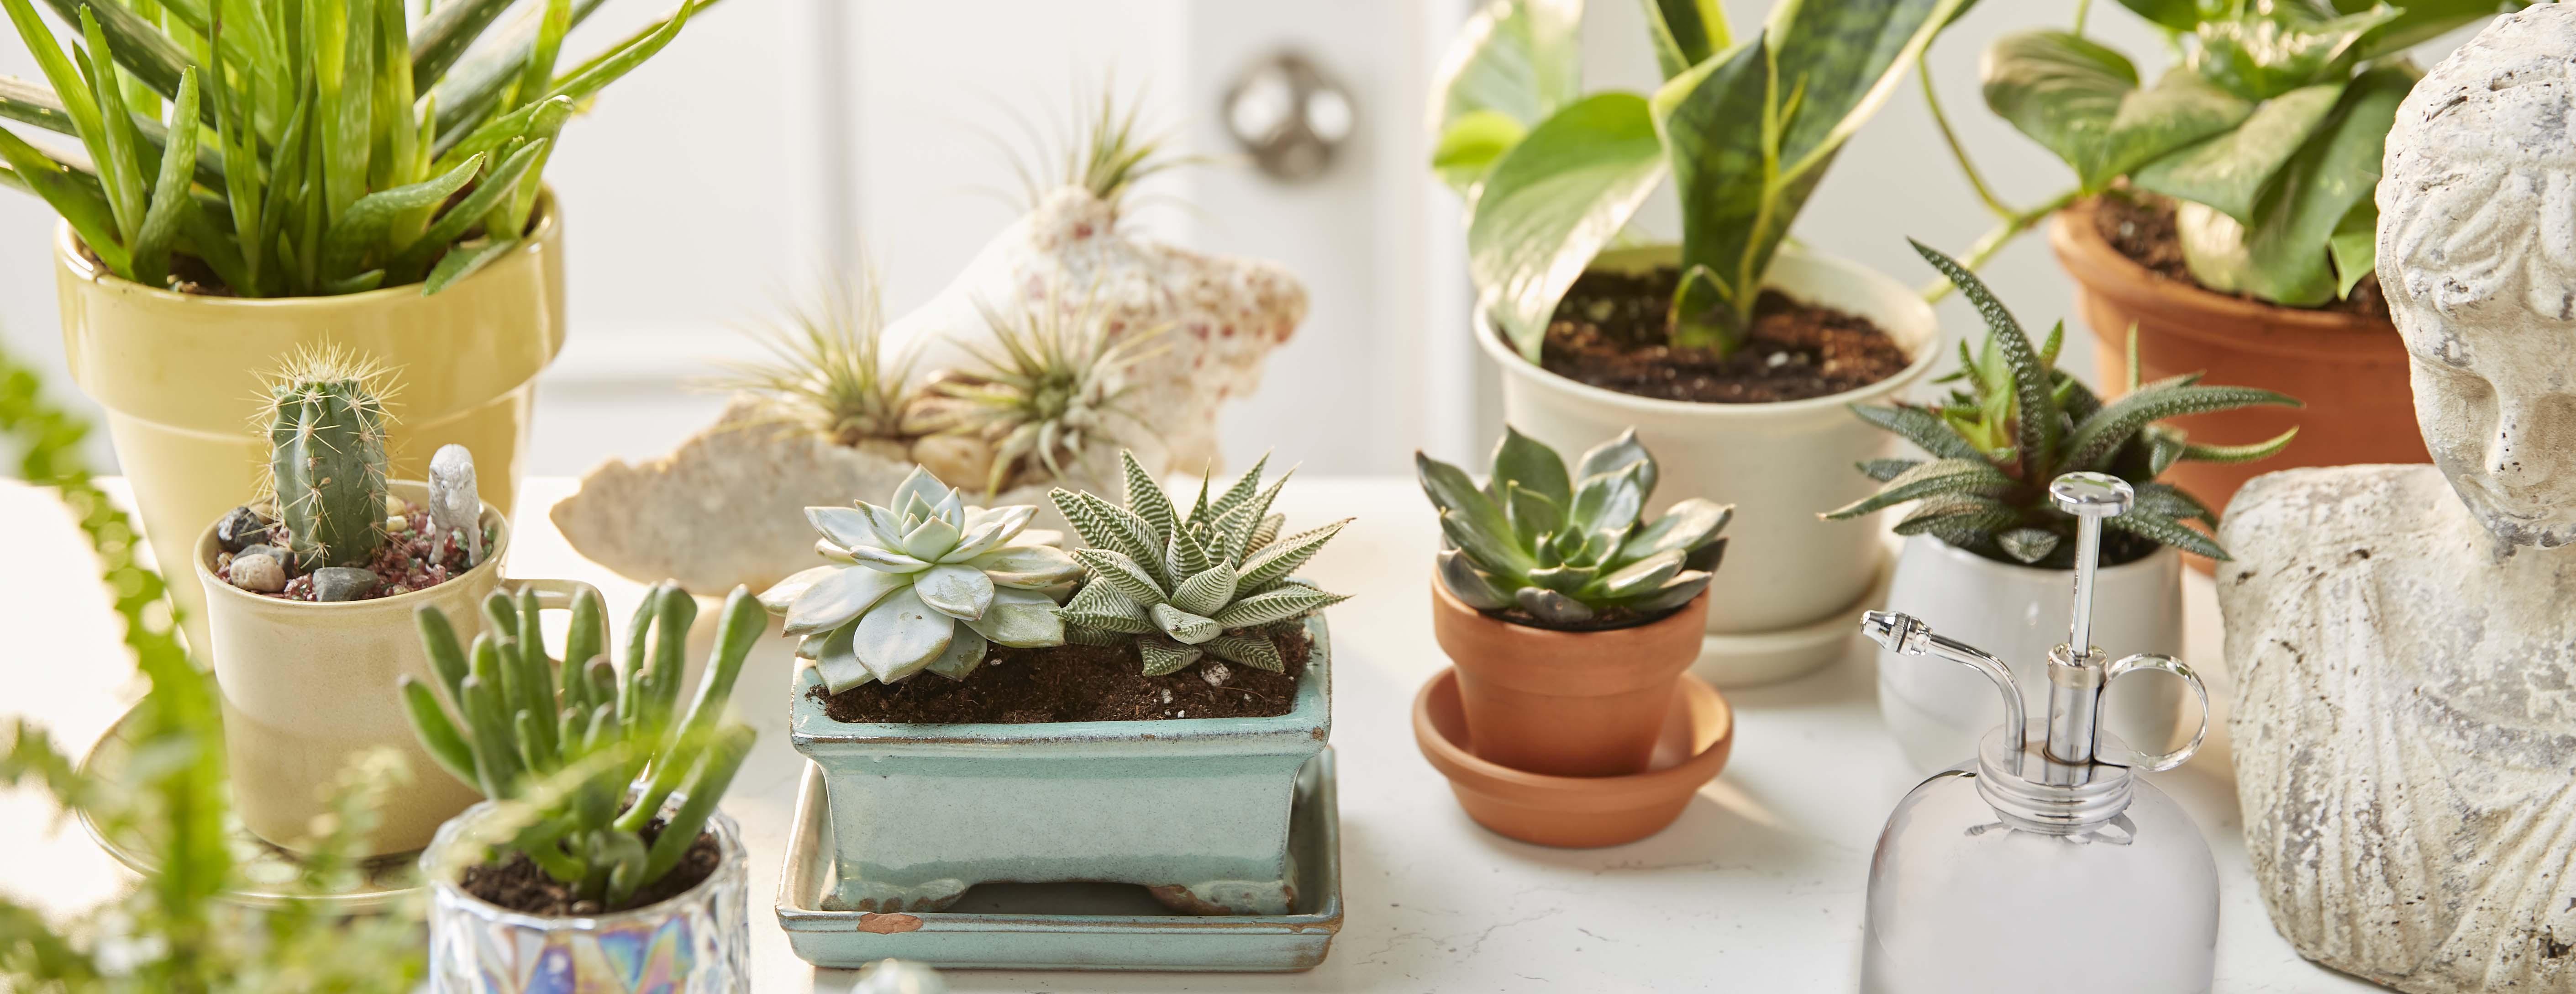 Des articles pour vous faire plaisir aux essentiels du quotidien, nous offrons une gamme de produits qui vous aident à personnaliser votre maison.